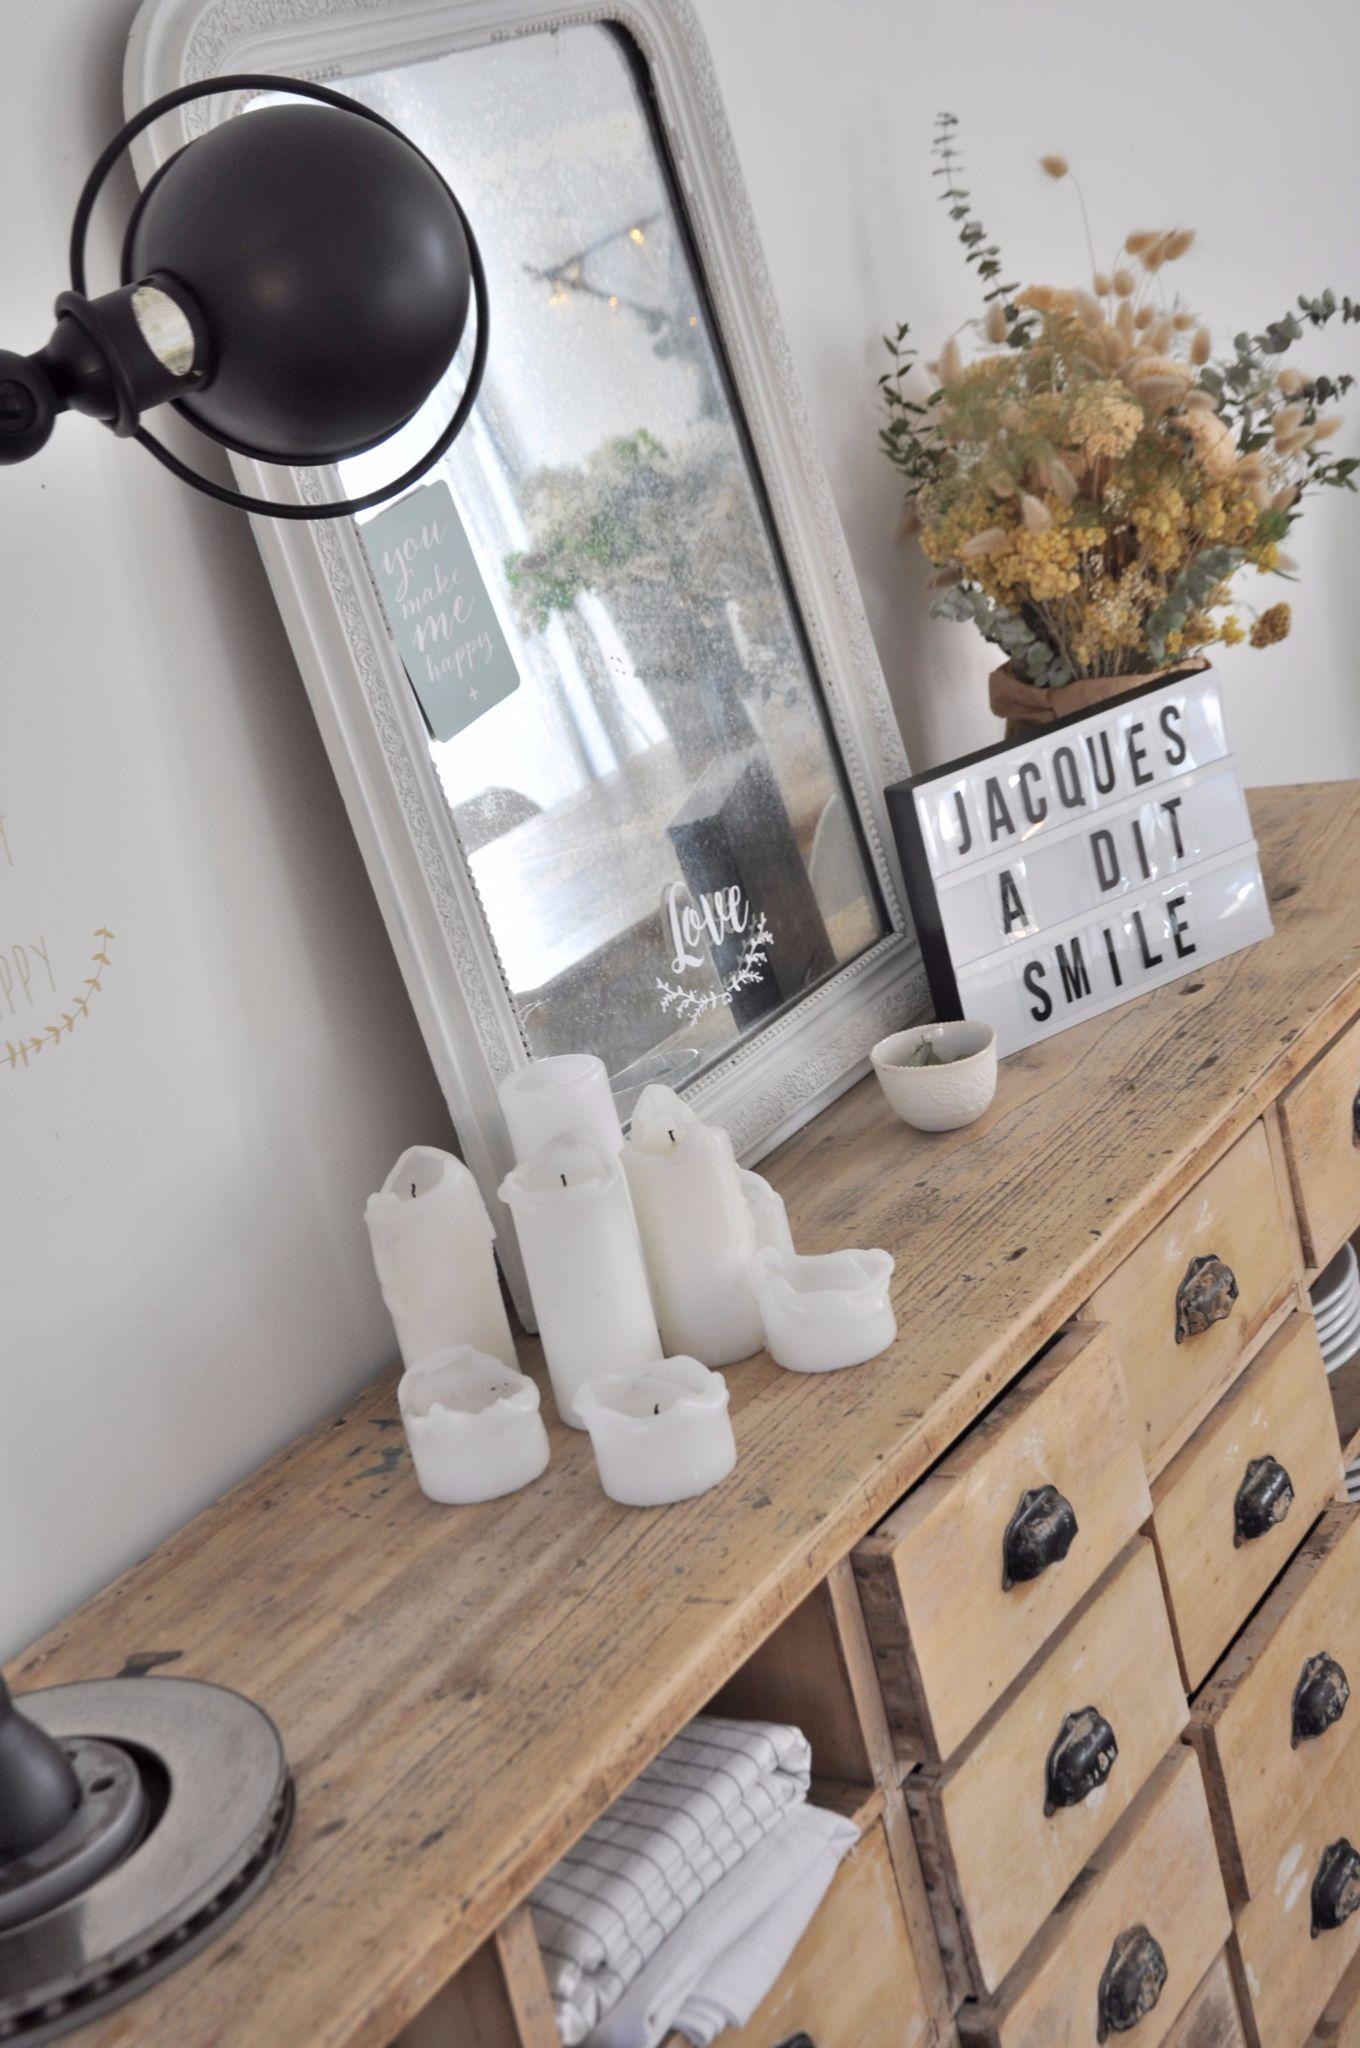 Meuble D Herboriste Pageblanche11 Canalblog Com Deco Salon Recup Deco Maison Meuble Deco